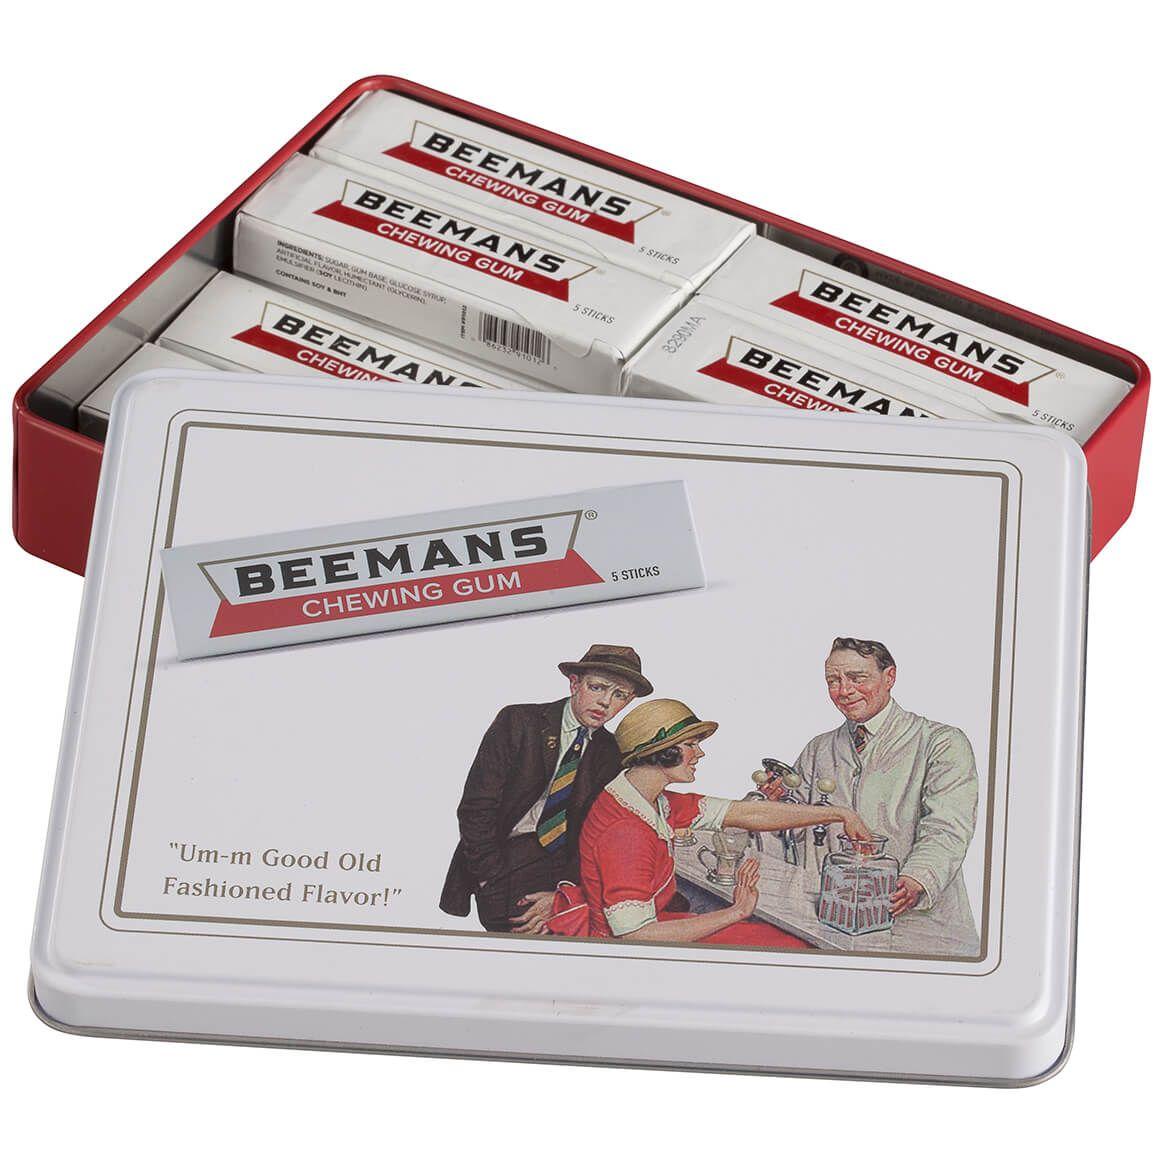 Beemans® Chewing Gum Tin-368329